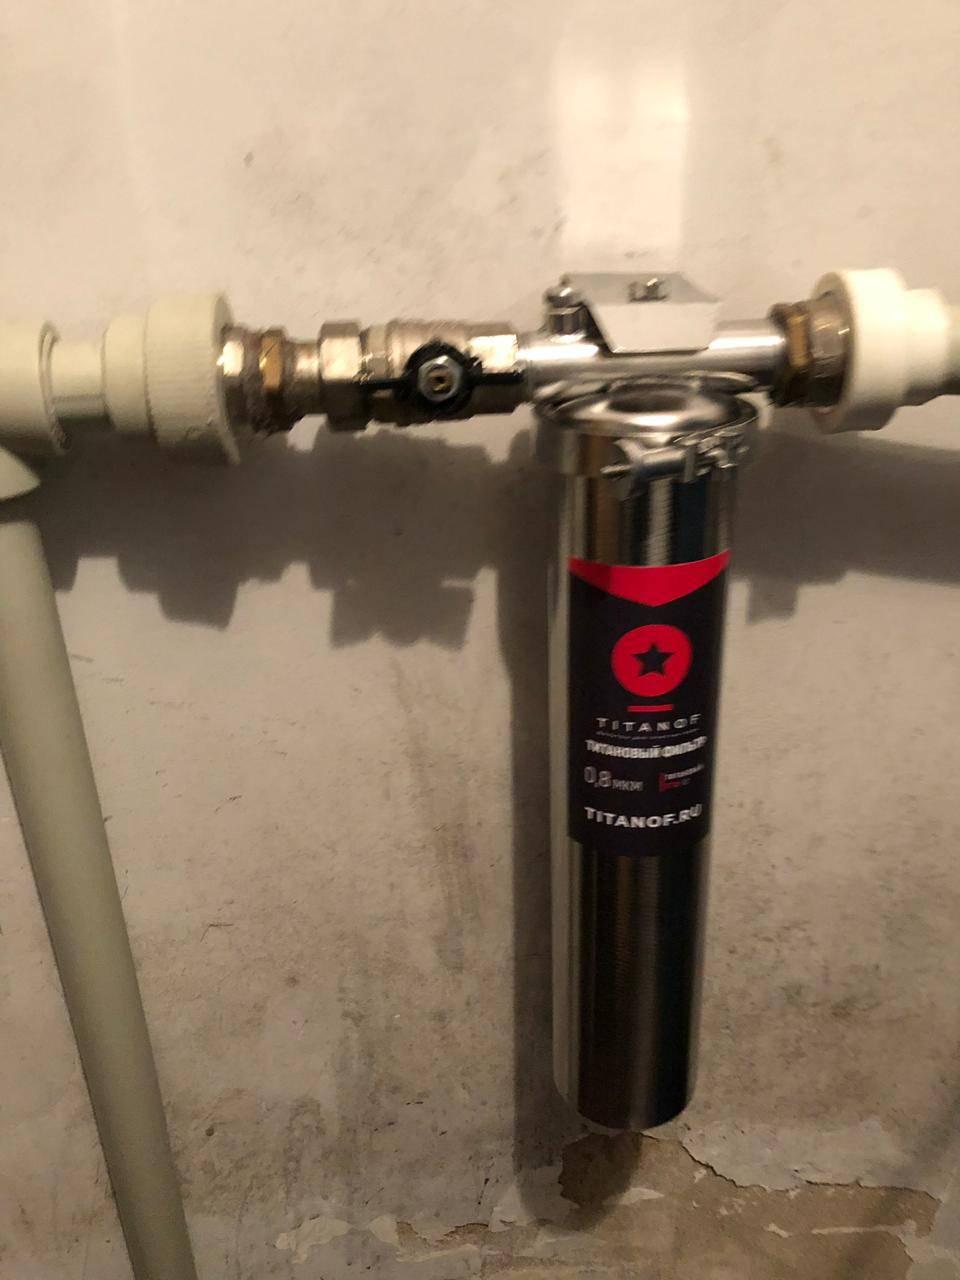 Патронный титановый фильтр titanof отзывы - фильтры для воды - первый независимый сайт отзывов россии